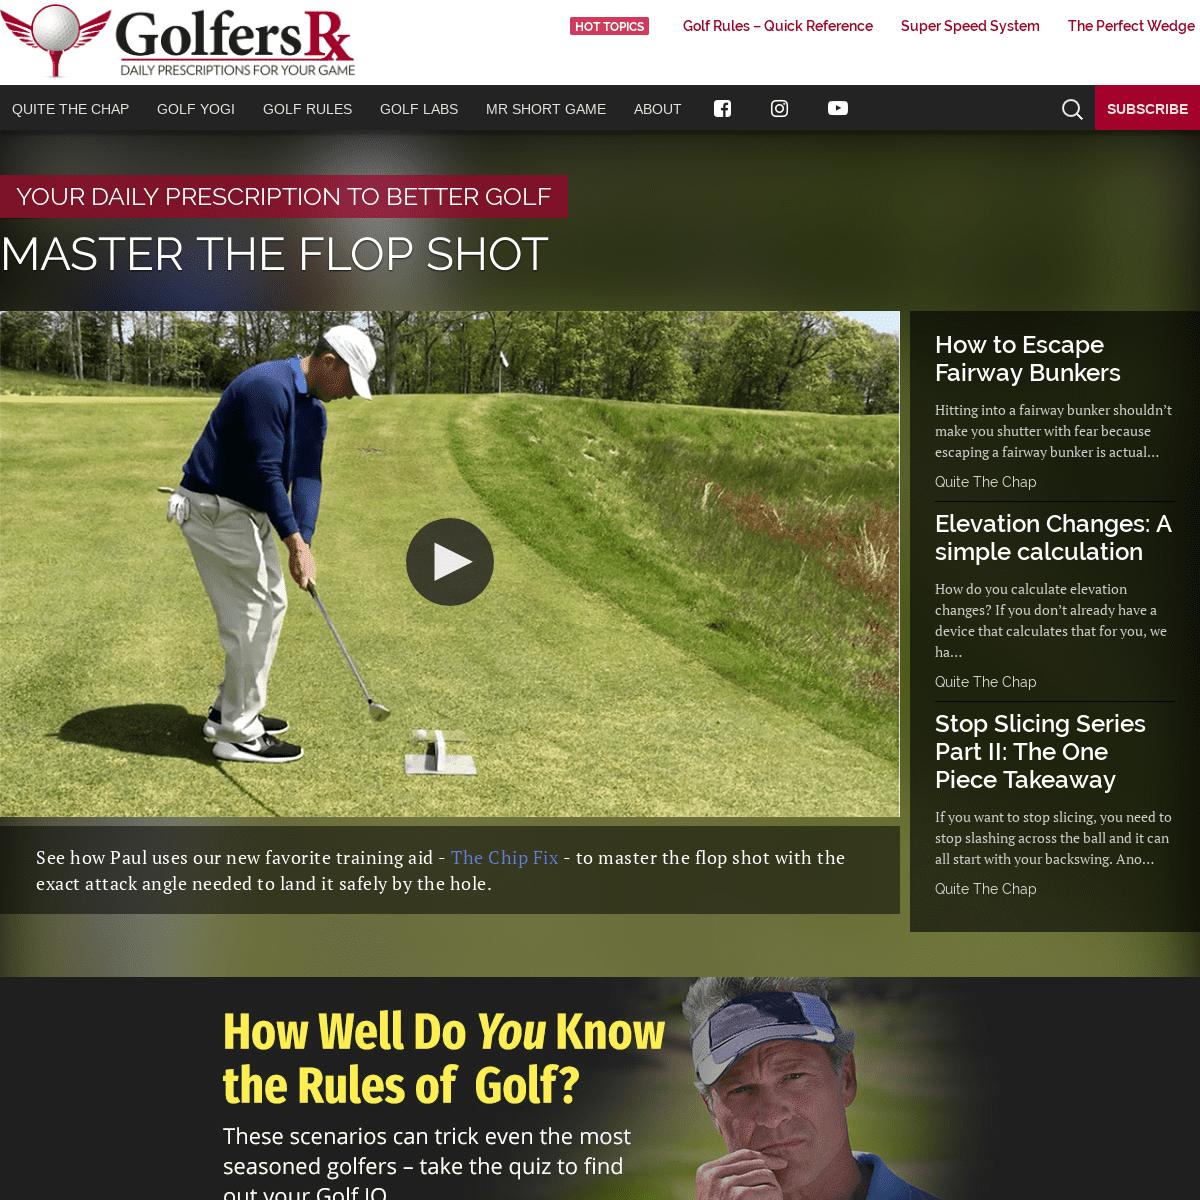 ArchiveBay.com - golfersrx.com - GolfersRx.com - Daily Prescriptions for Your Golf Game